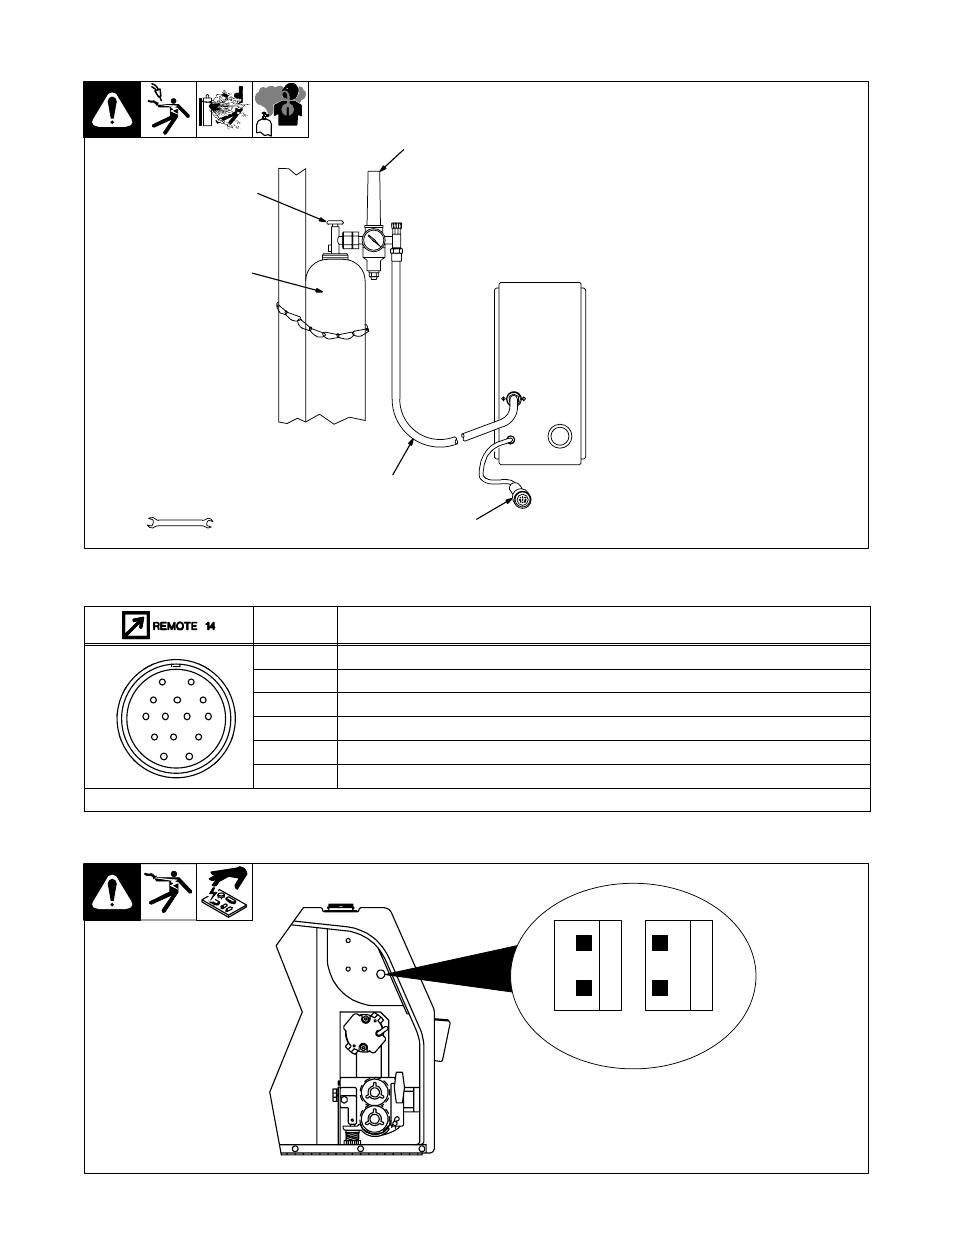 WRG-4671] Miller 6 Pin Plug Wiring Diagram on